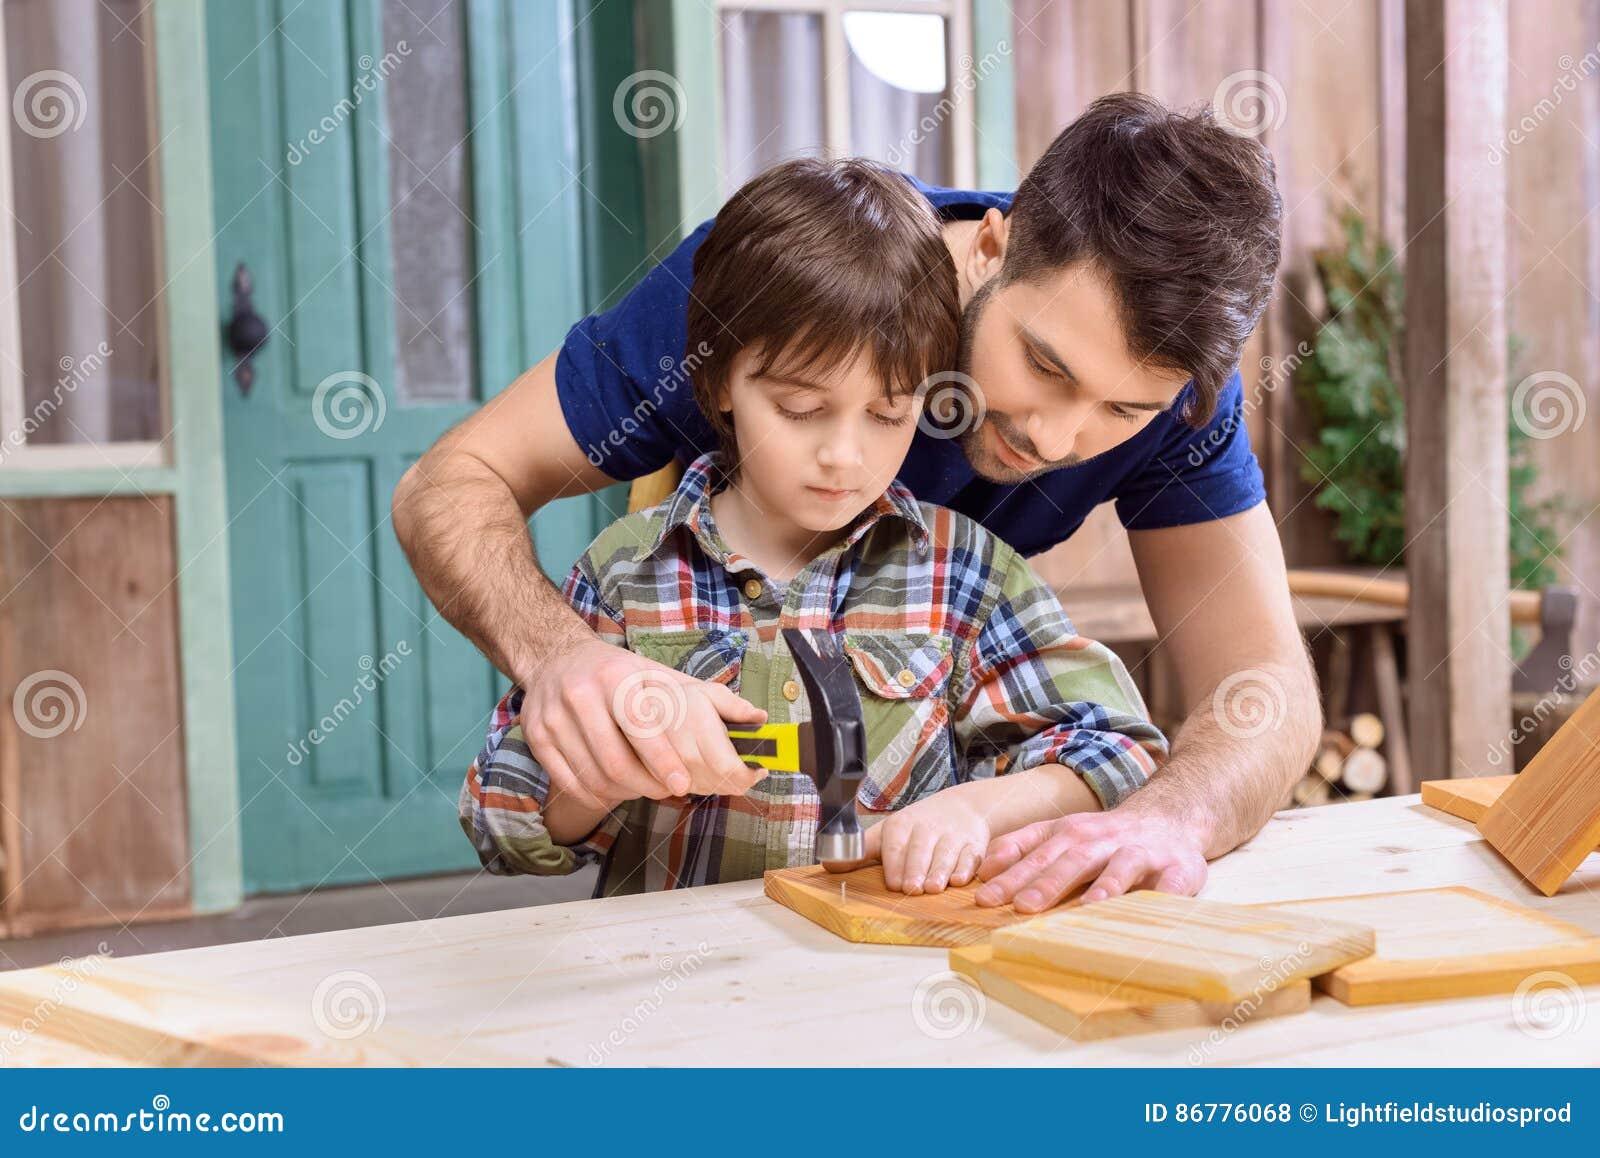 Koncentrerade sonen för fadern spikar den undervisning till att bulta i träplanka